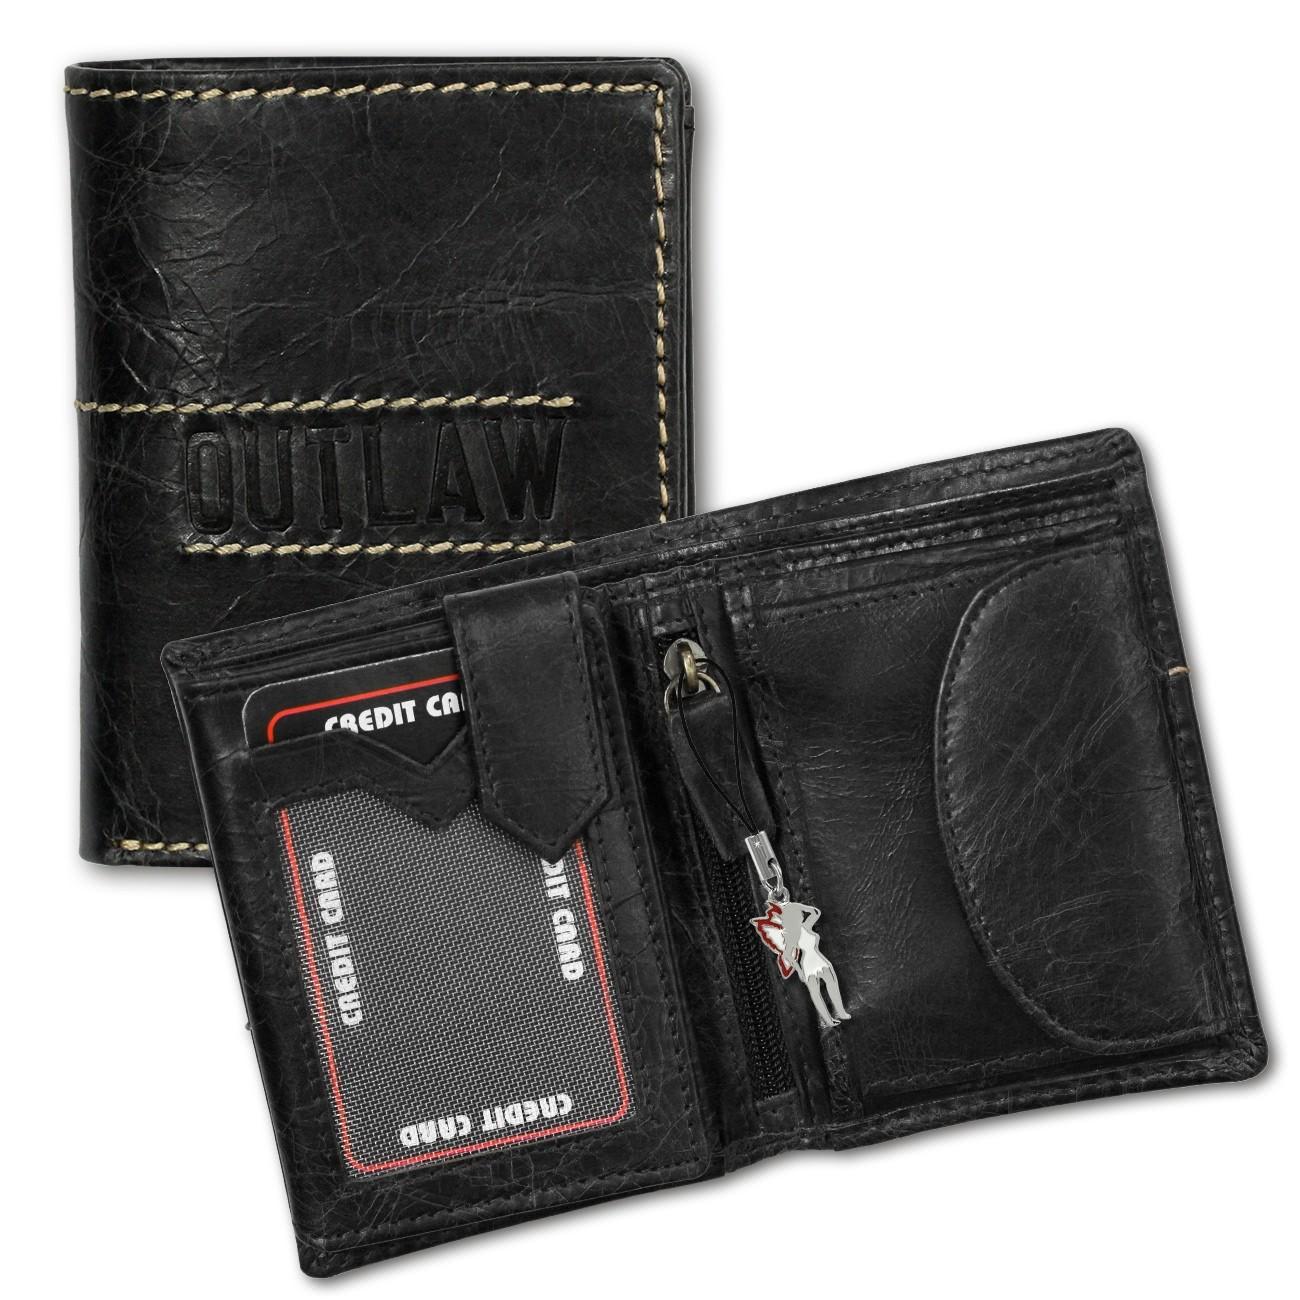 DrachenLeder Geldbörse Leder grau Geldbeutel Portemonnaie Brieftasche OPD106K